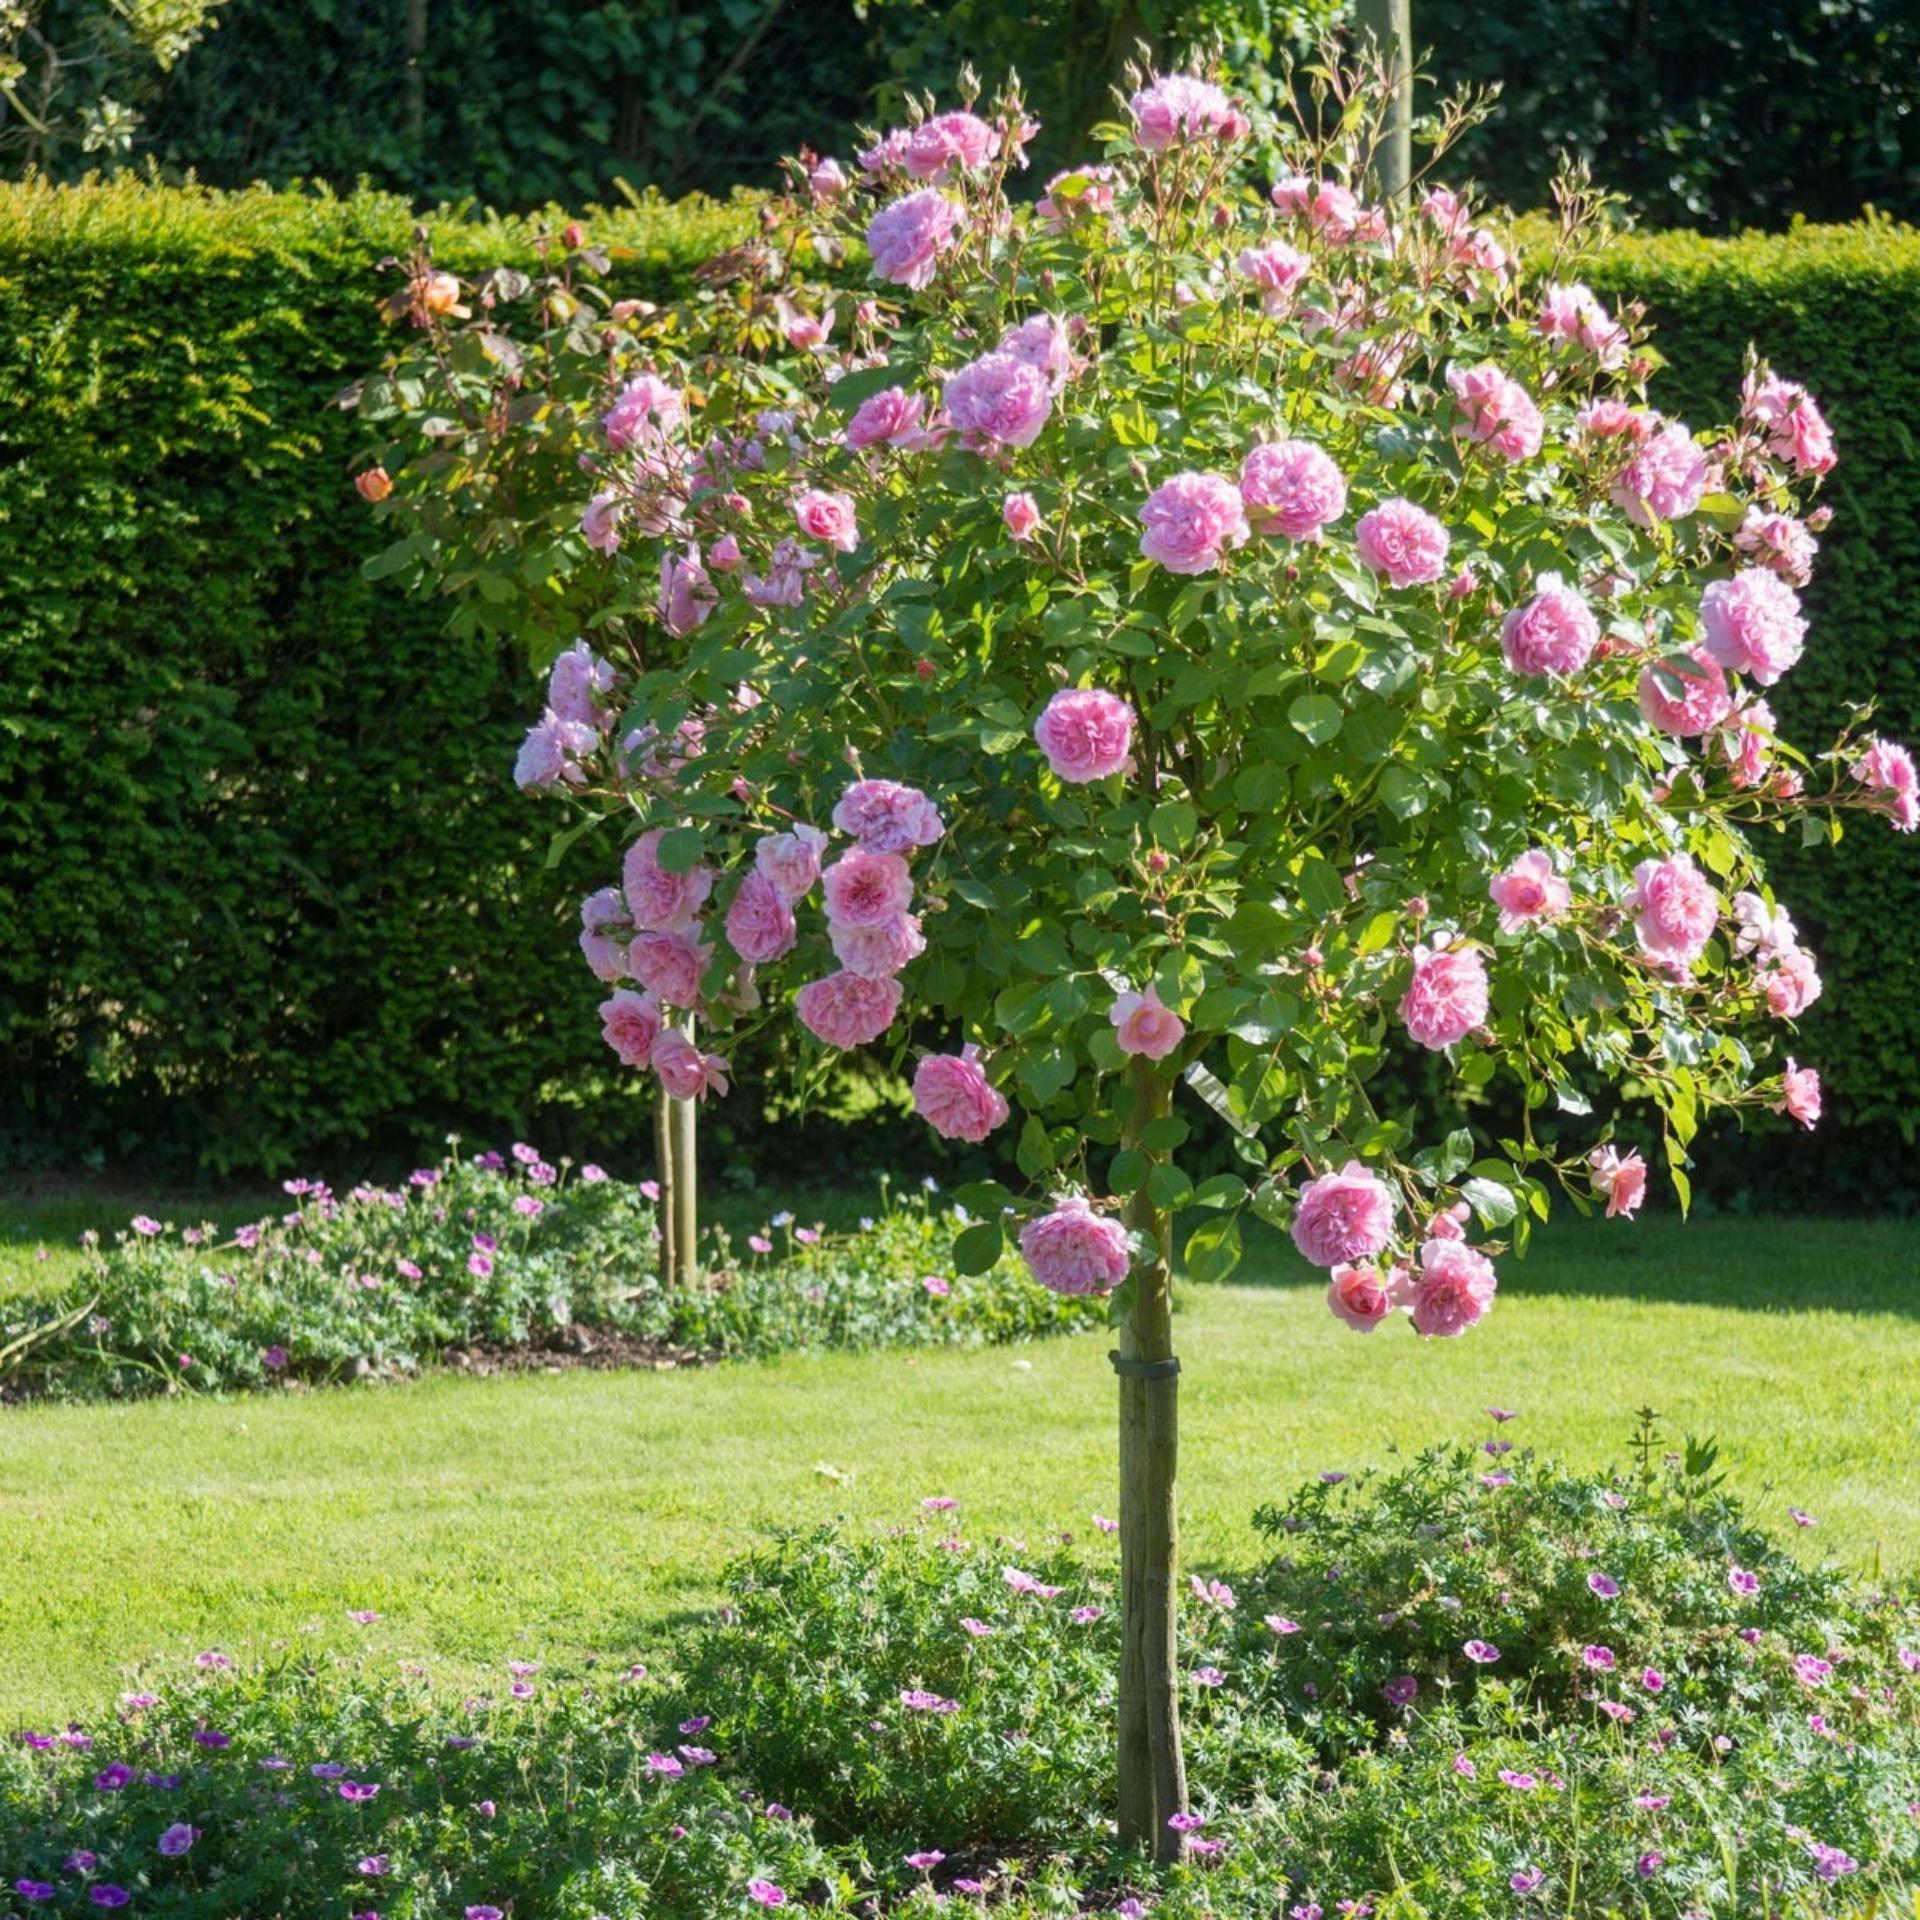 Hình ảnh Hạt giống Hoa hồng thân gỗ (Gói 15 hạt - Kèm tài liệu HD)